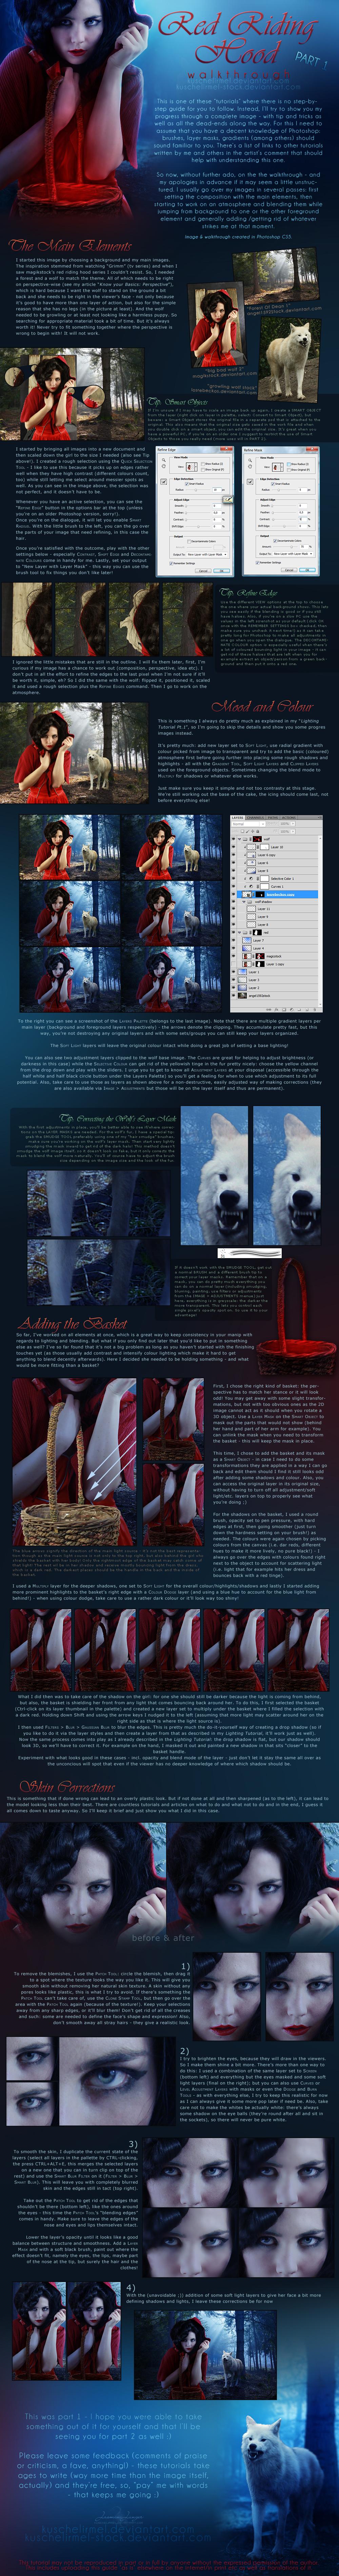 Red Riding Hood - Walkthrough Part 1